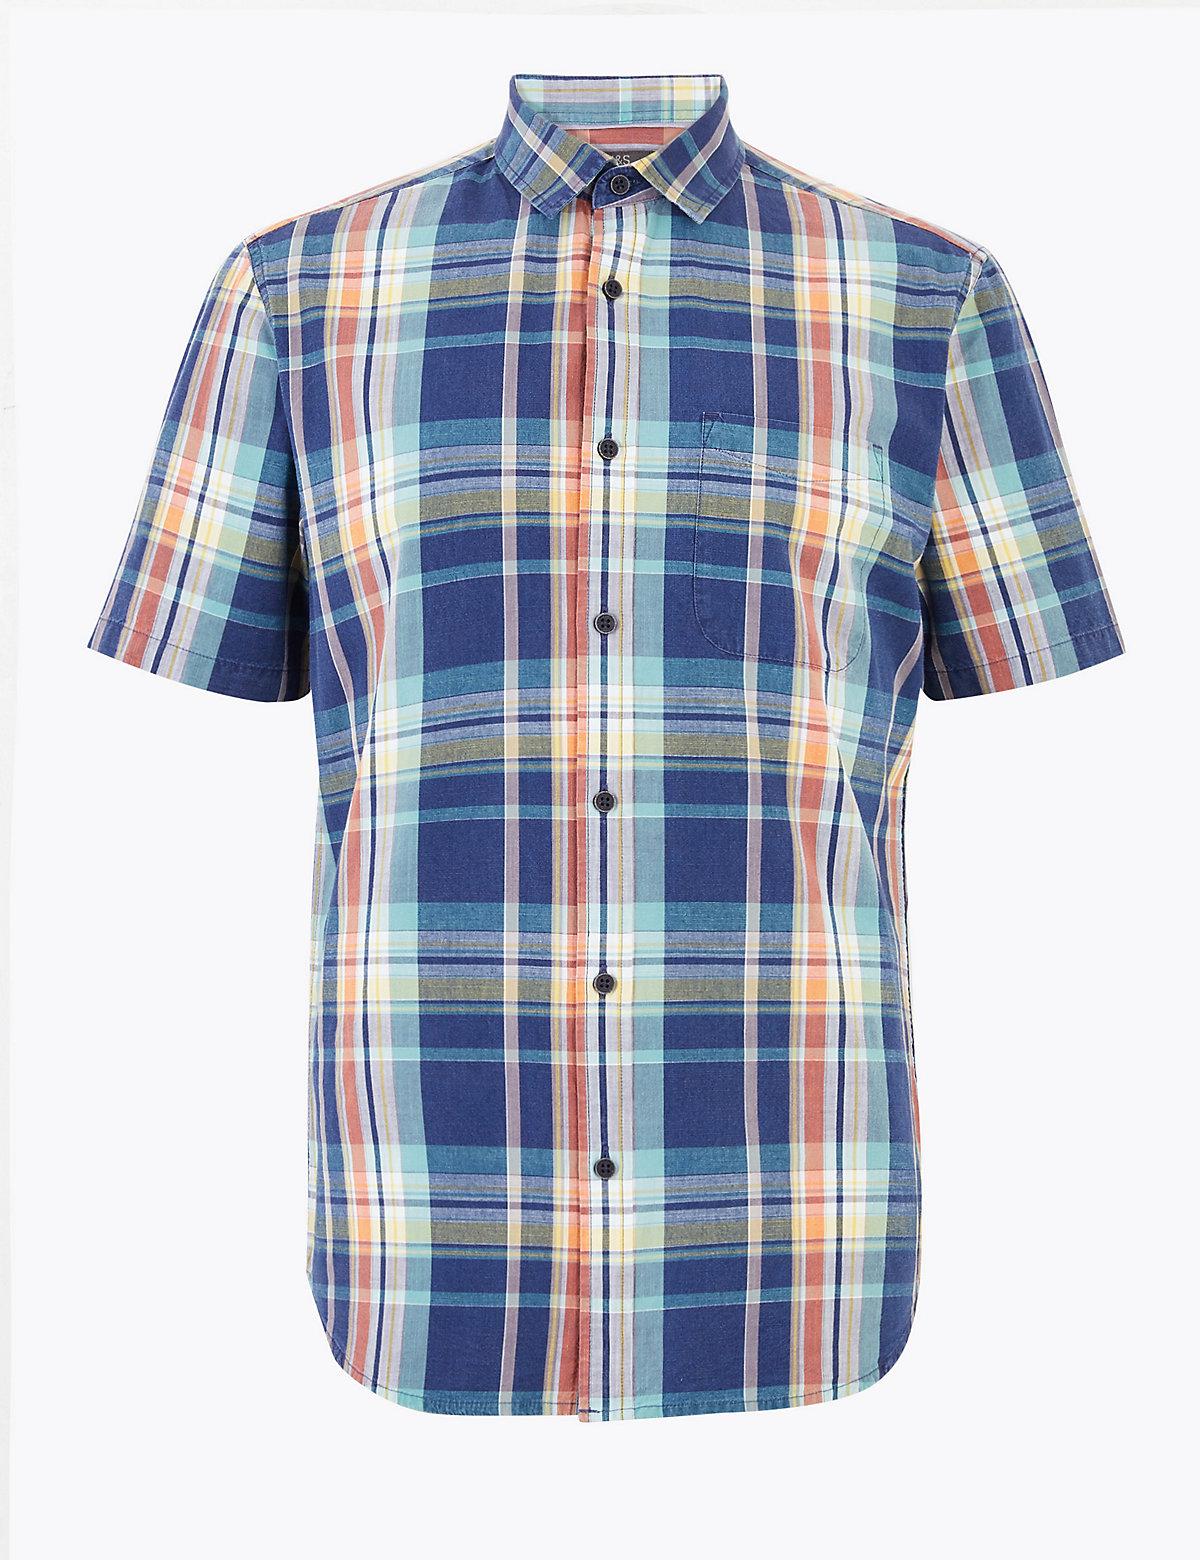 Хлопковая мужская рубашка в крупную клетку